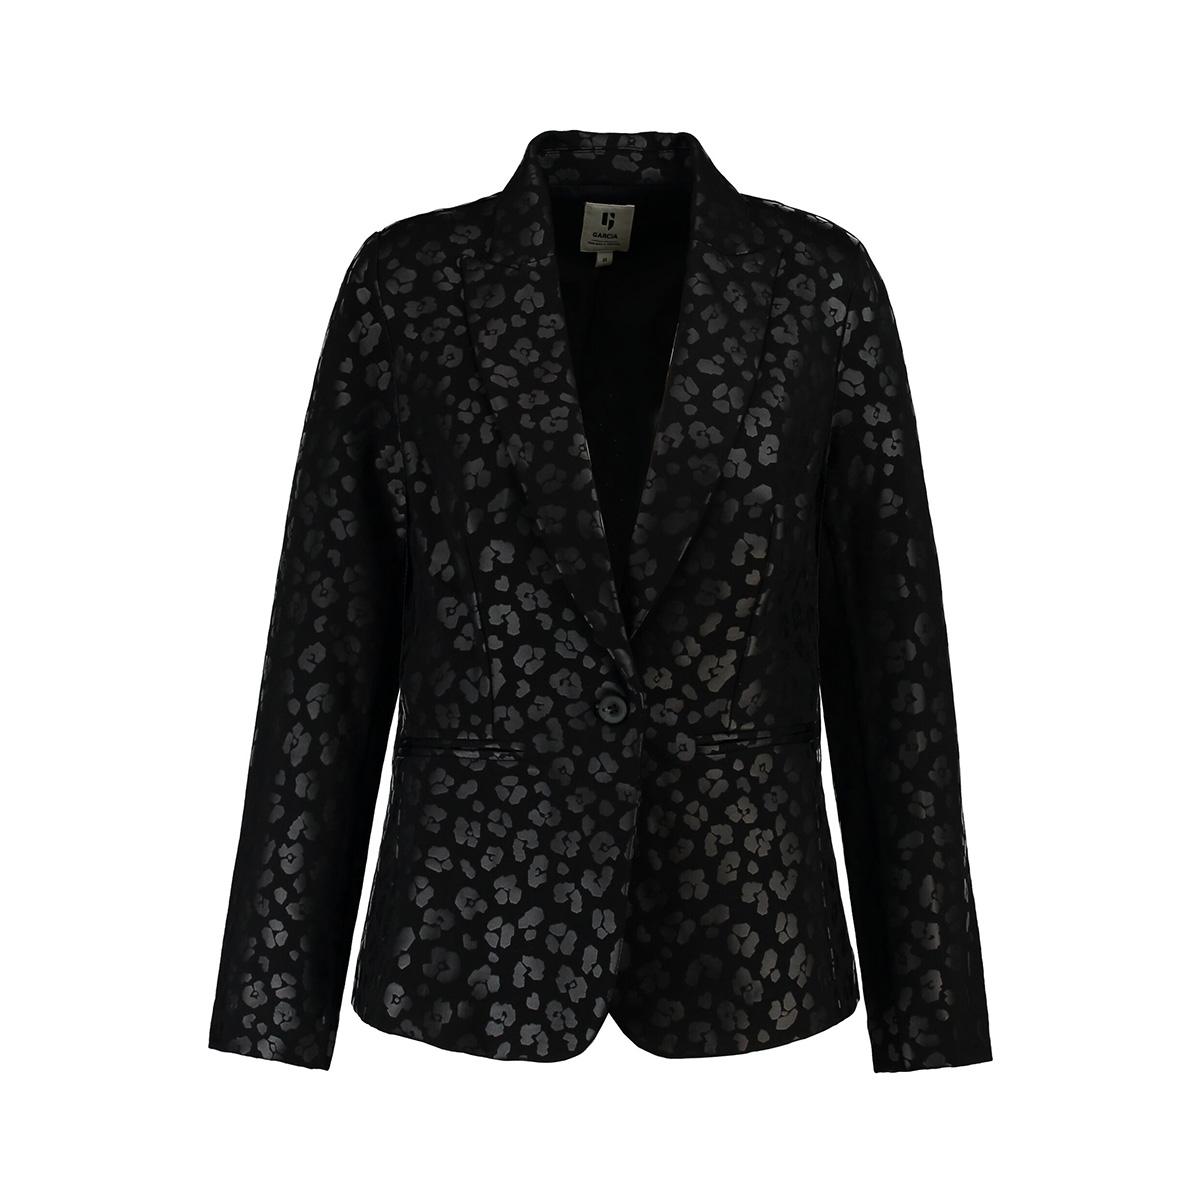 blazer l90090 garcia blazer 60 black